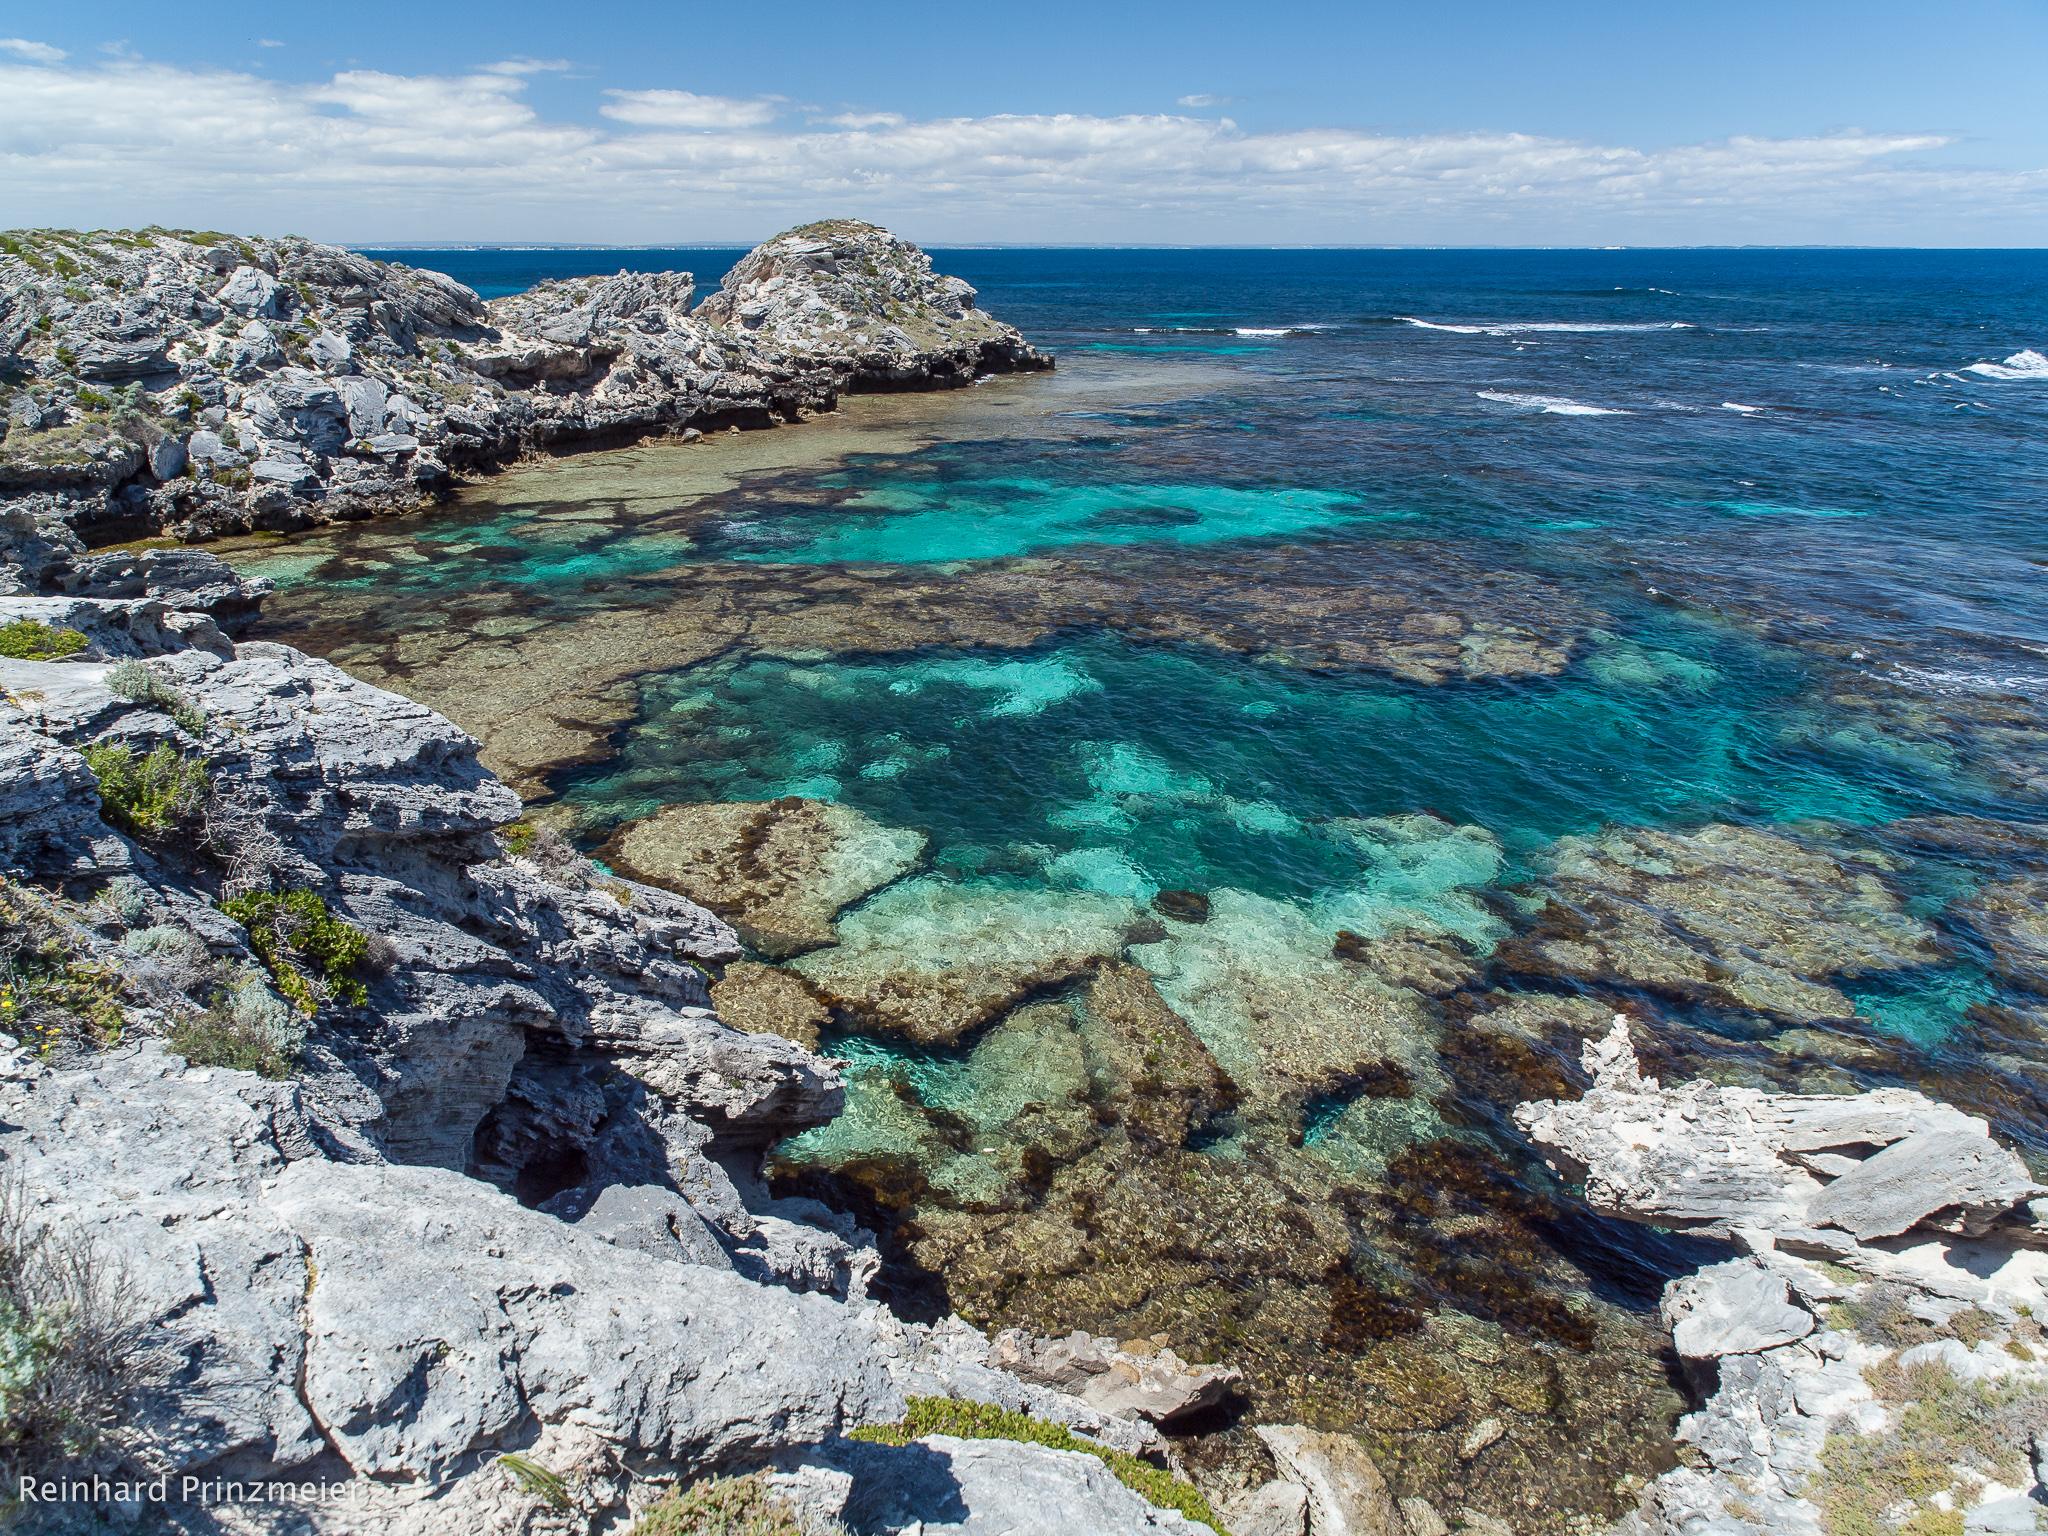 Jeannies Lookout, Rottnest Island, Australia